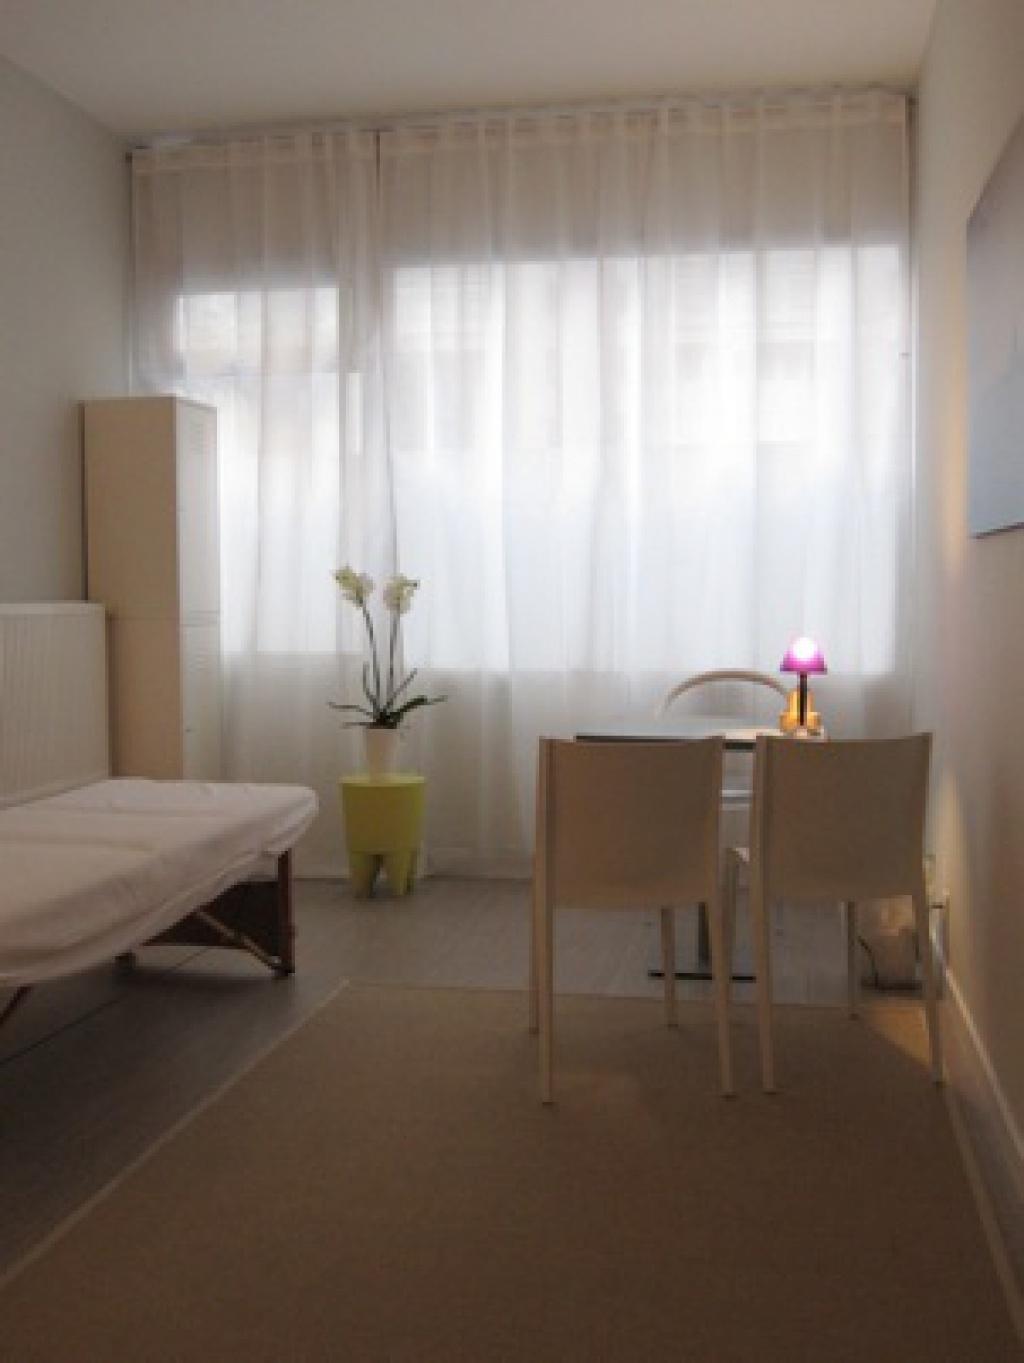 beau cabinet partager pour psychologues et th rapeutes paris 75018 montmartre petites. Black Bedroom Furniture Sets. Home Design Ideas